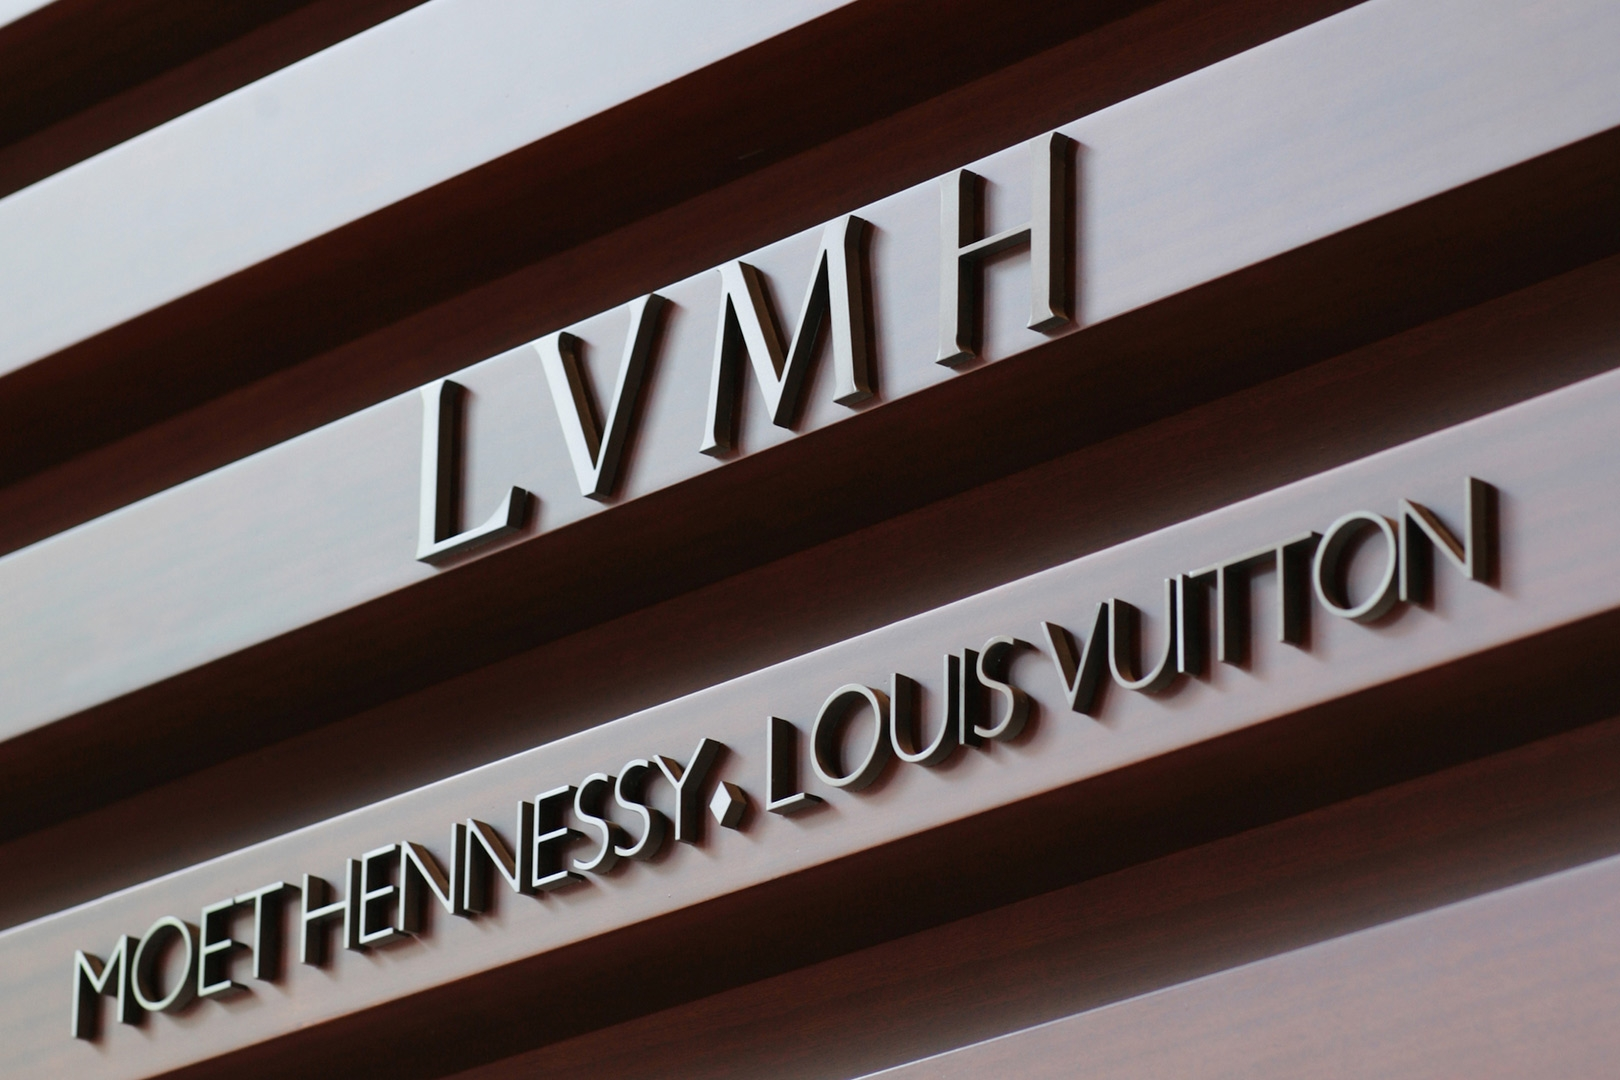 El Grupo LVMH pone sus fábricas de perfumes a producir gel de manos gratuito y nosotros lo aplaudimos